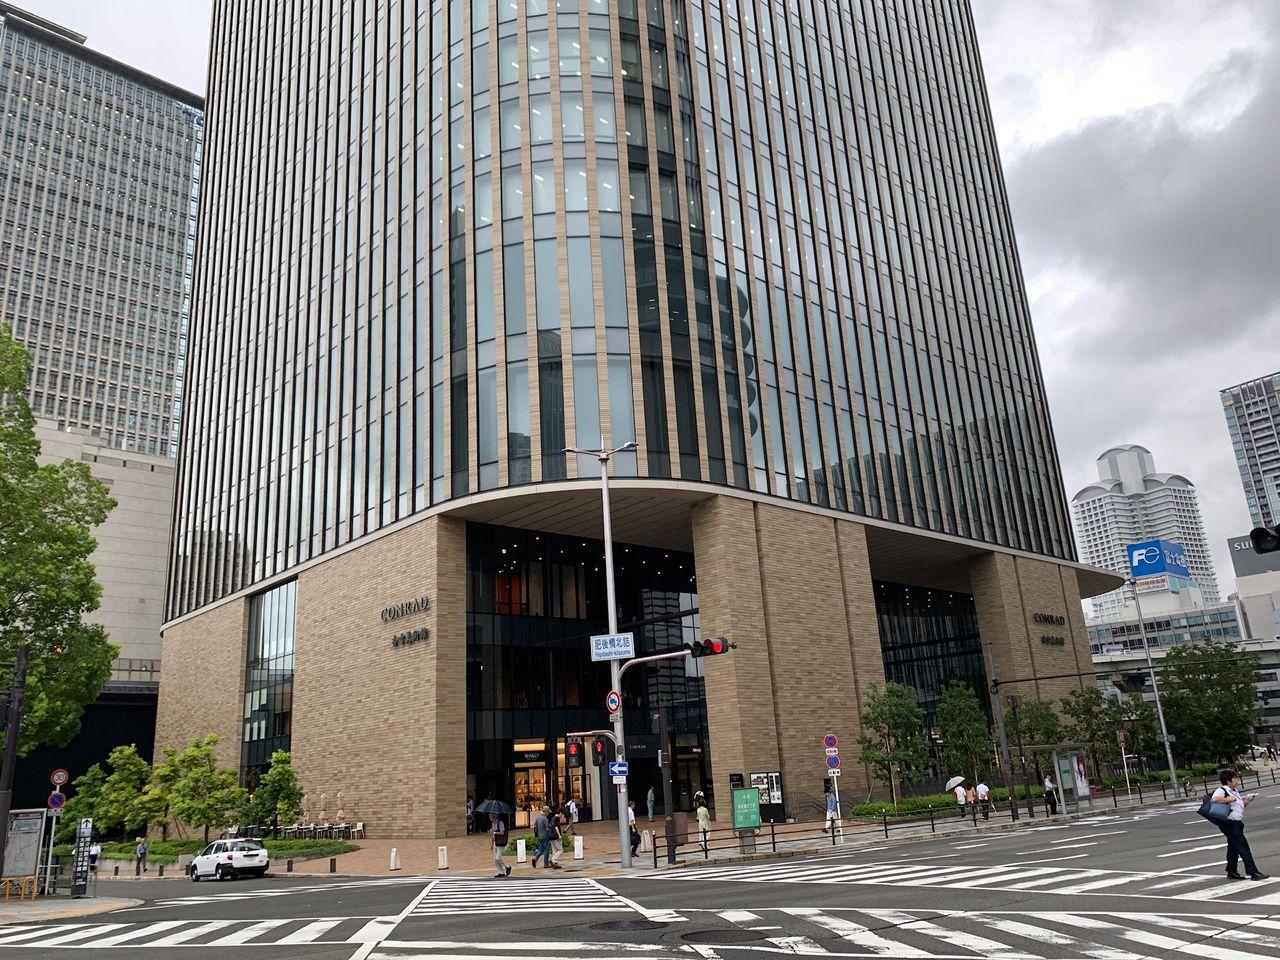 コンラッド大阪ホテルに宿泊!!ヒルトン・ゴールドの特典は?!部屋、ラウンジ情報も